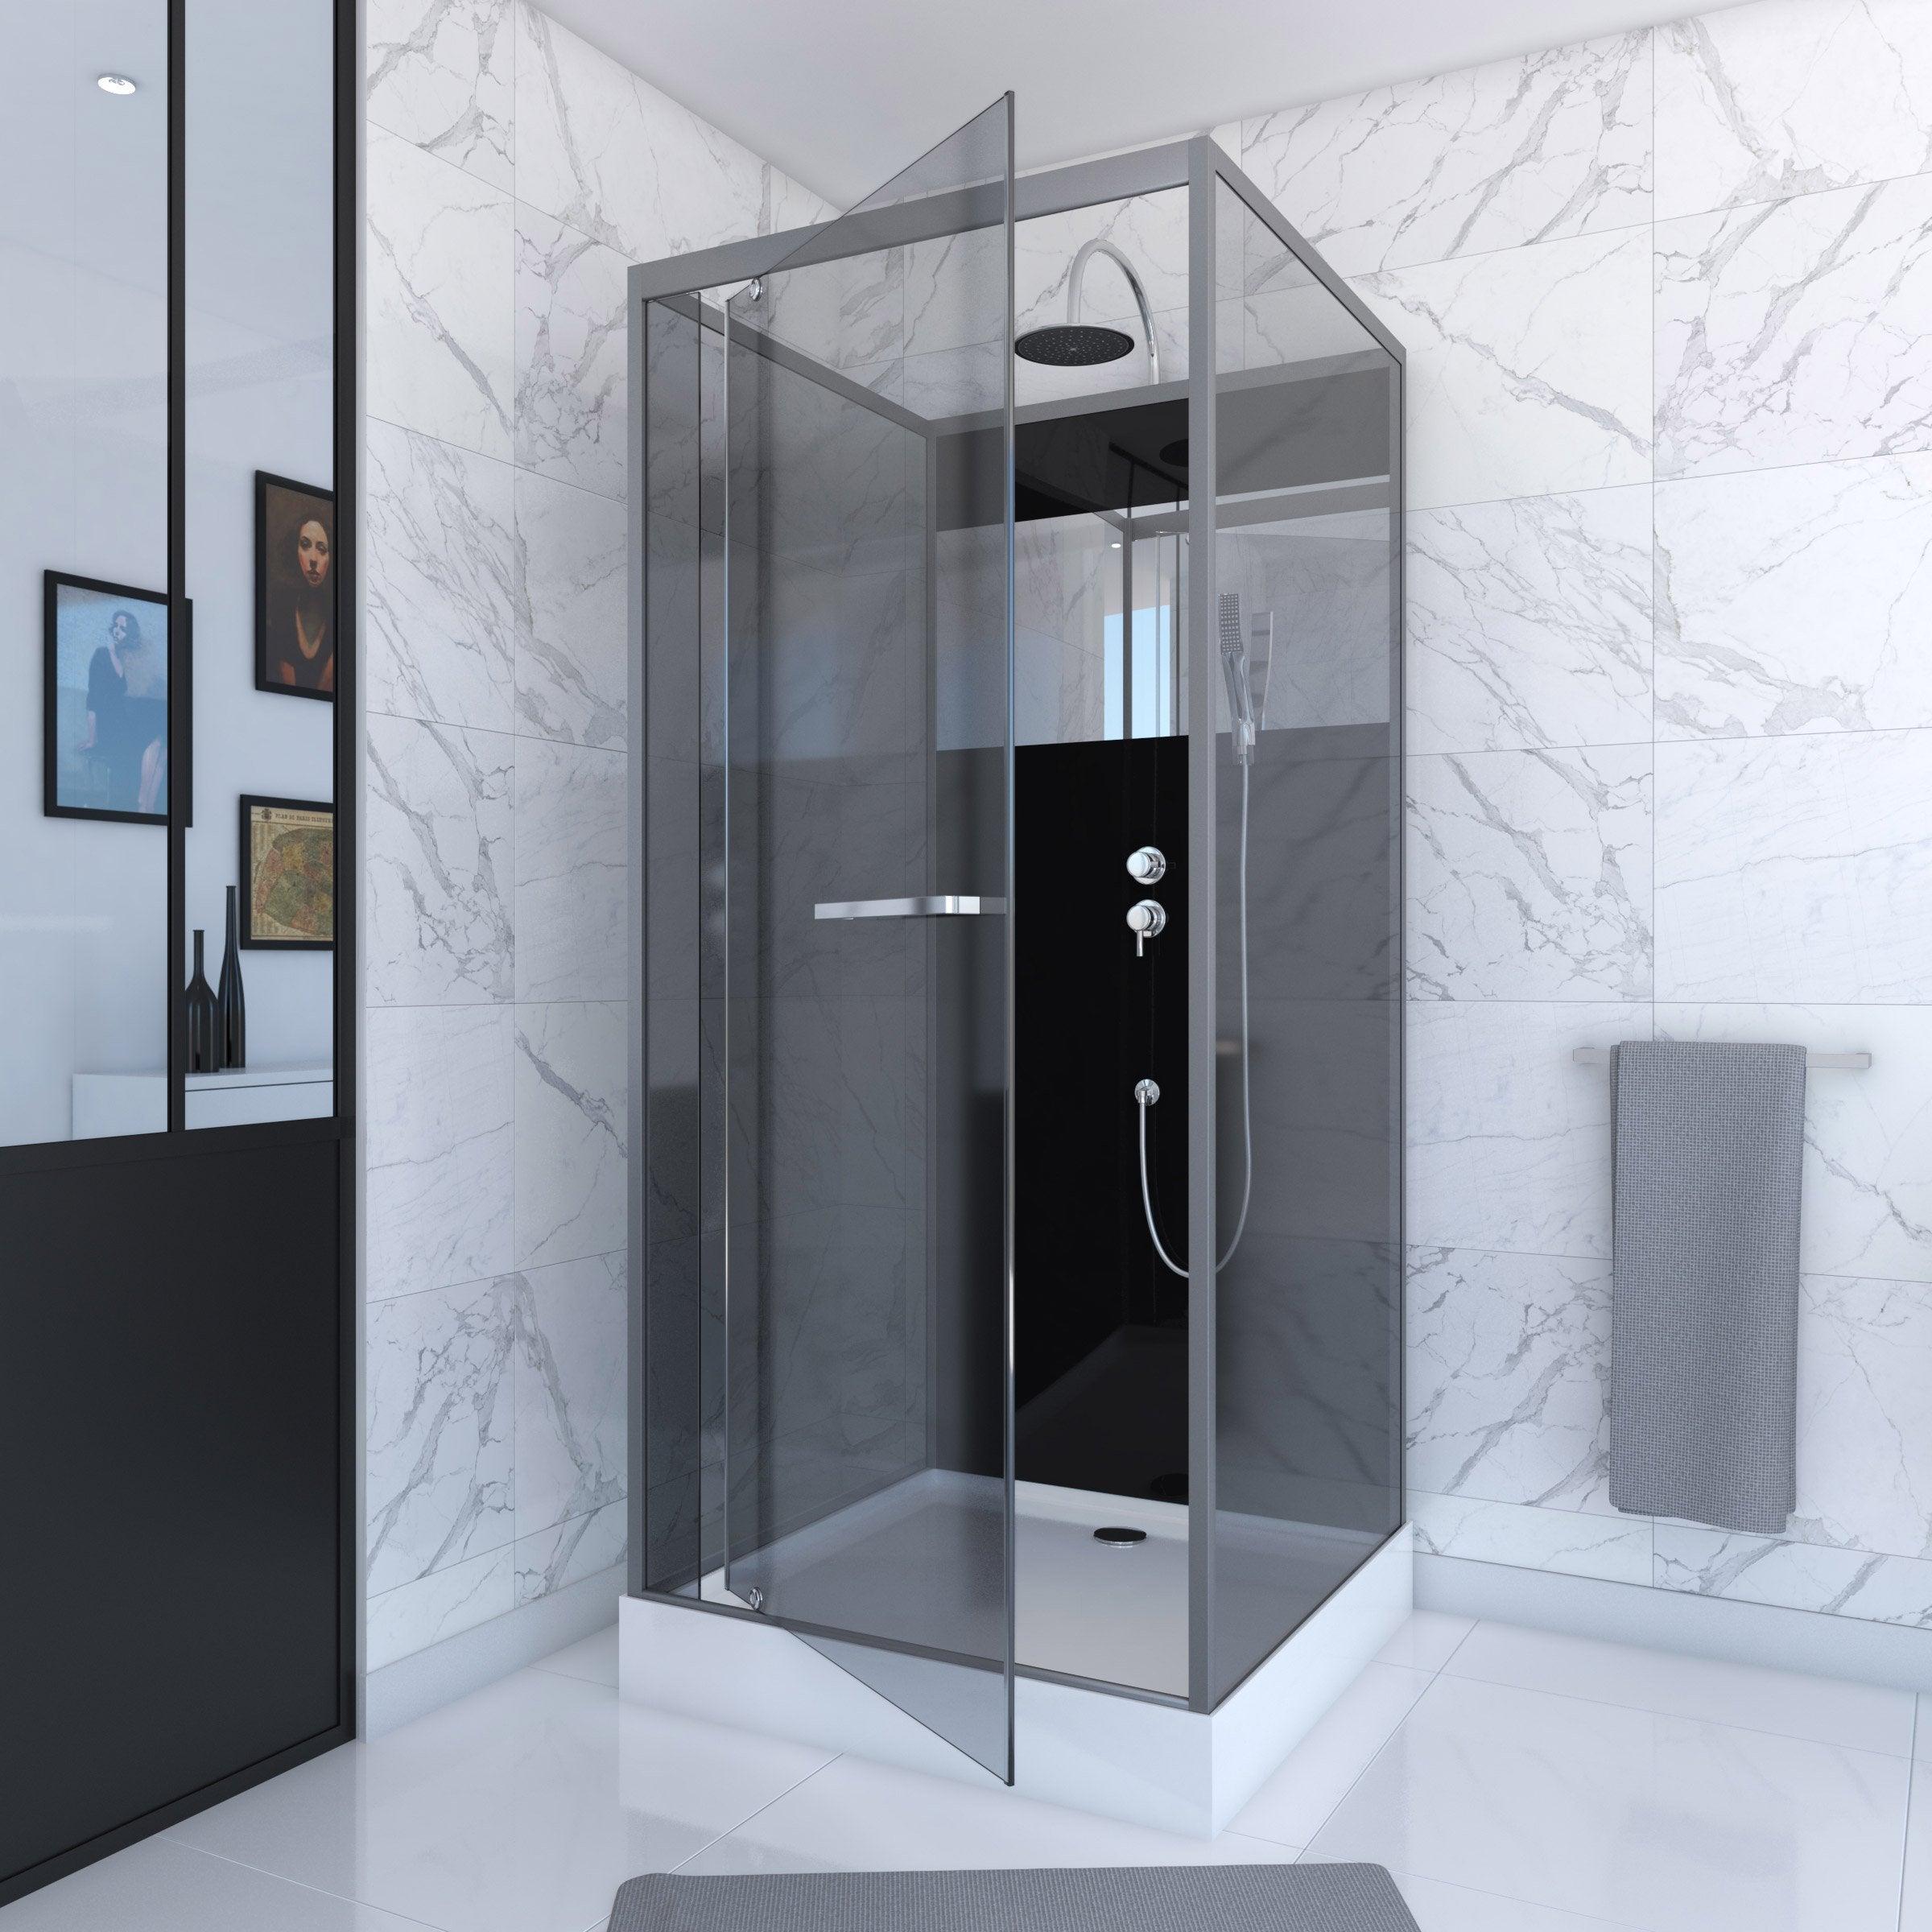 cabine de douche carré l90 x l90 cm reflect  leroy merlin